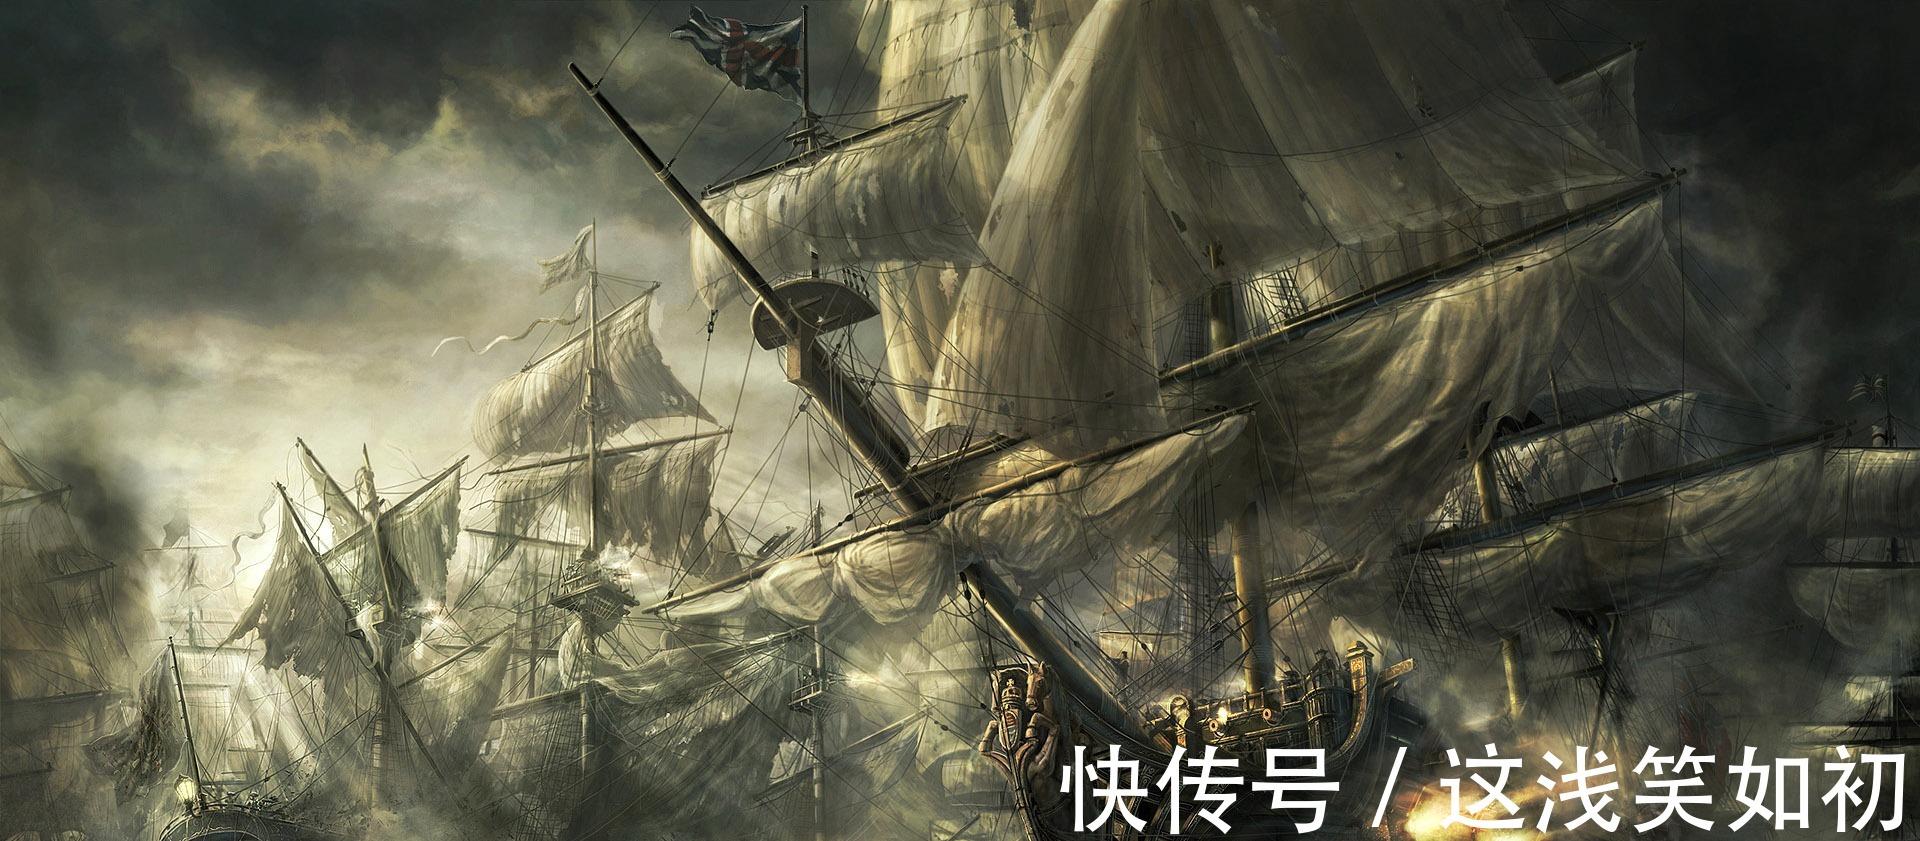 严嵩 明代王朝史,一代权臣严嵩,是如何一步步的走向自己的灭亡!